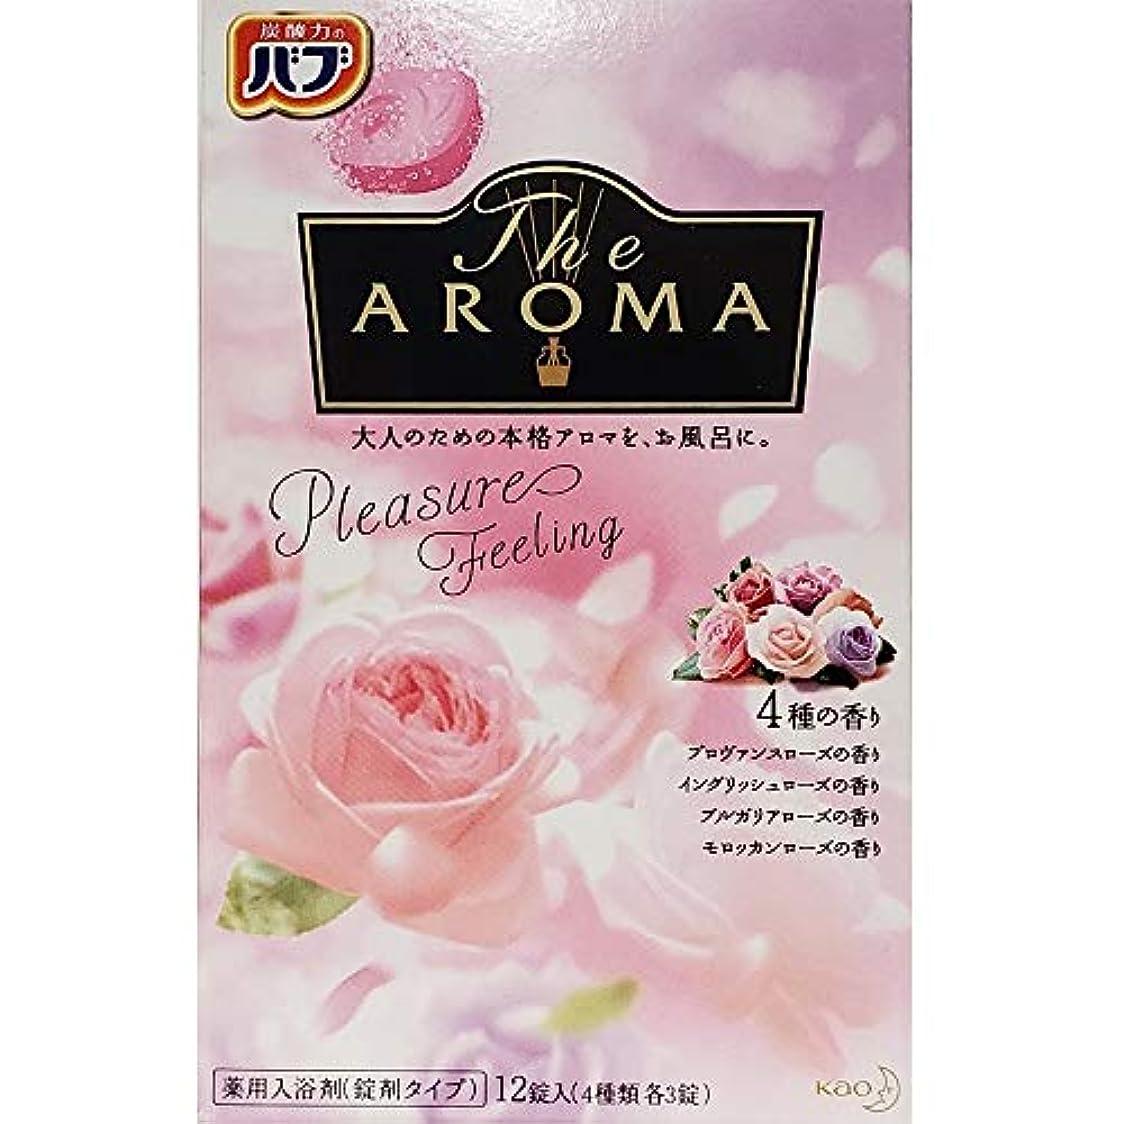 ゆり大事にするかるバブ The Aroma Pleasure Feeling 40g×12錠(4種類 各3錠) 医薬部外品